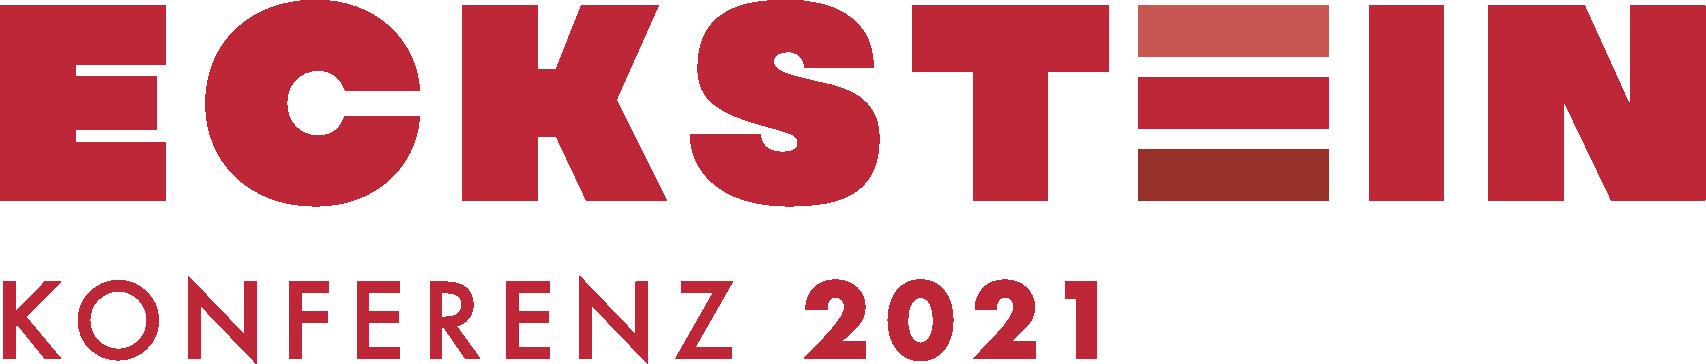 Ecksteinkonferenz Logo